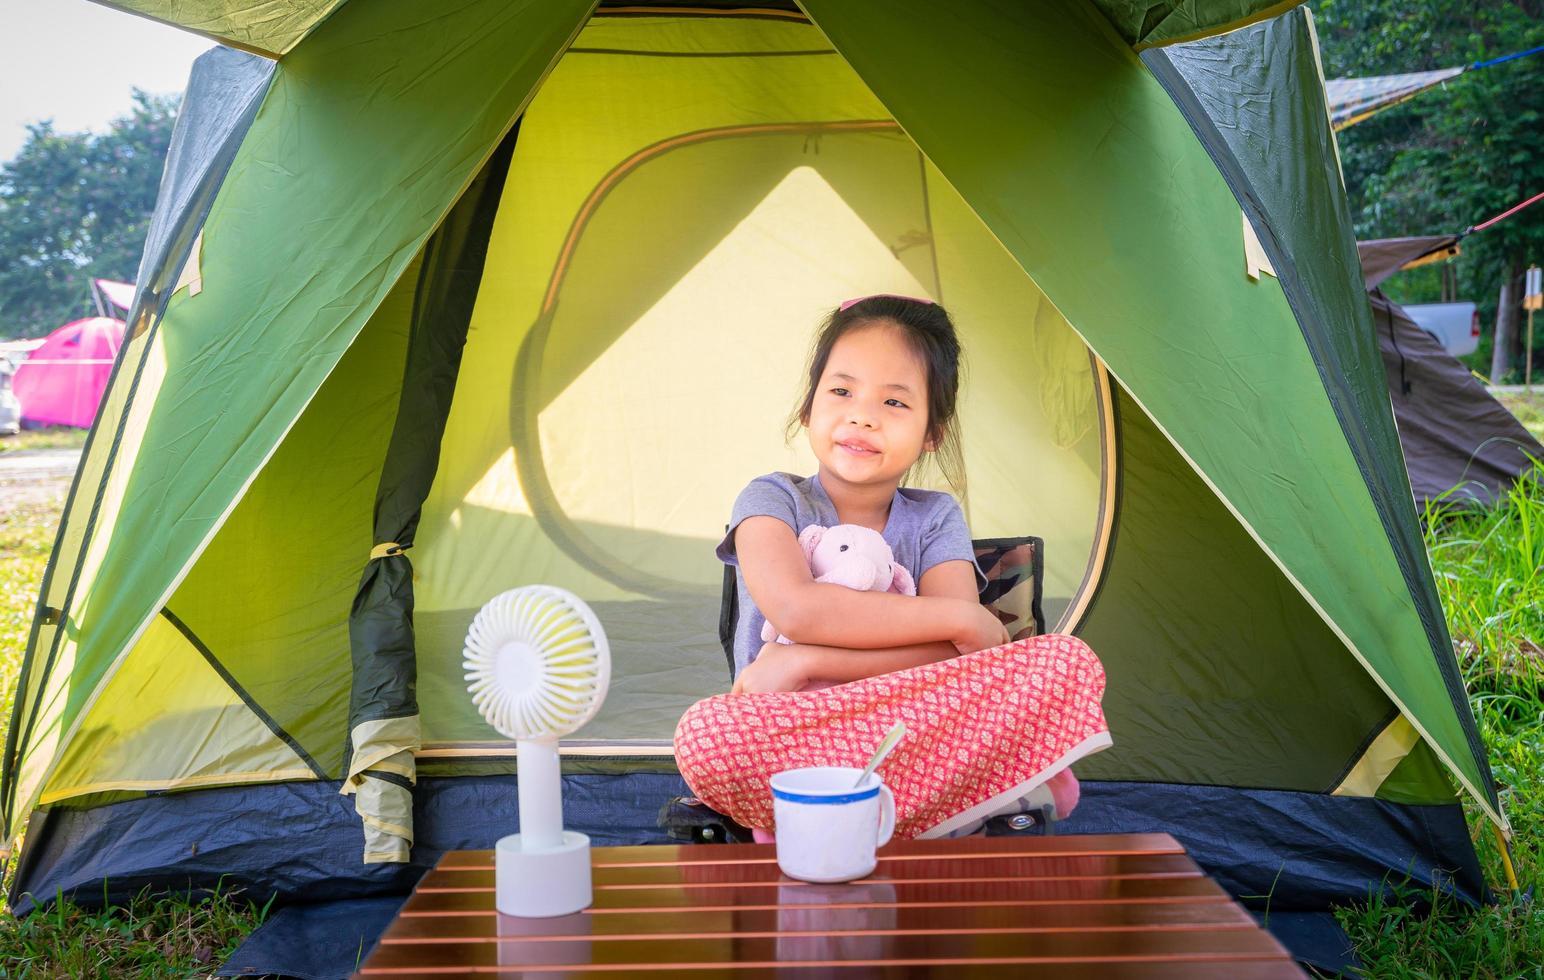 jeune fille, séance, dans, tente, quoique, camping photo